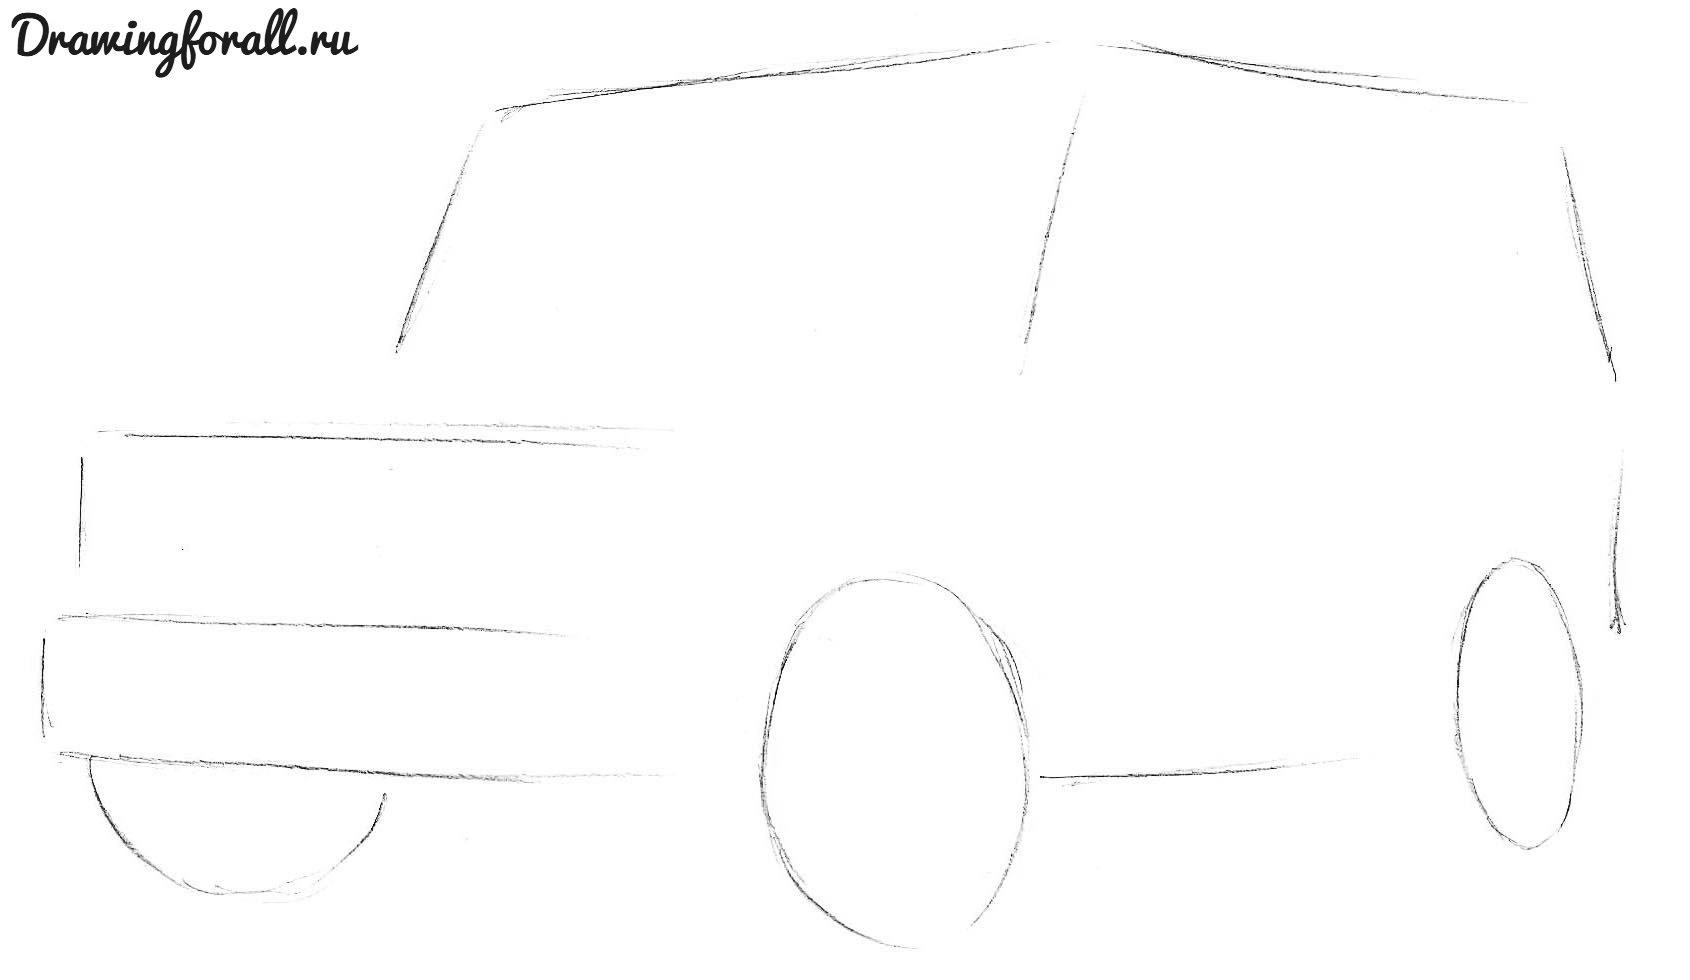 Как нарисовать Mercedes-Benz G - class